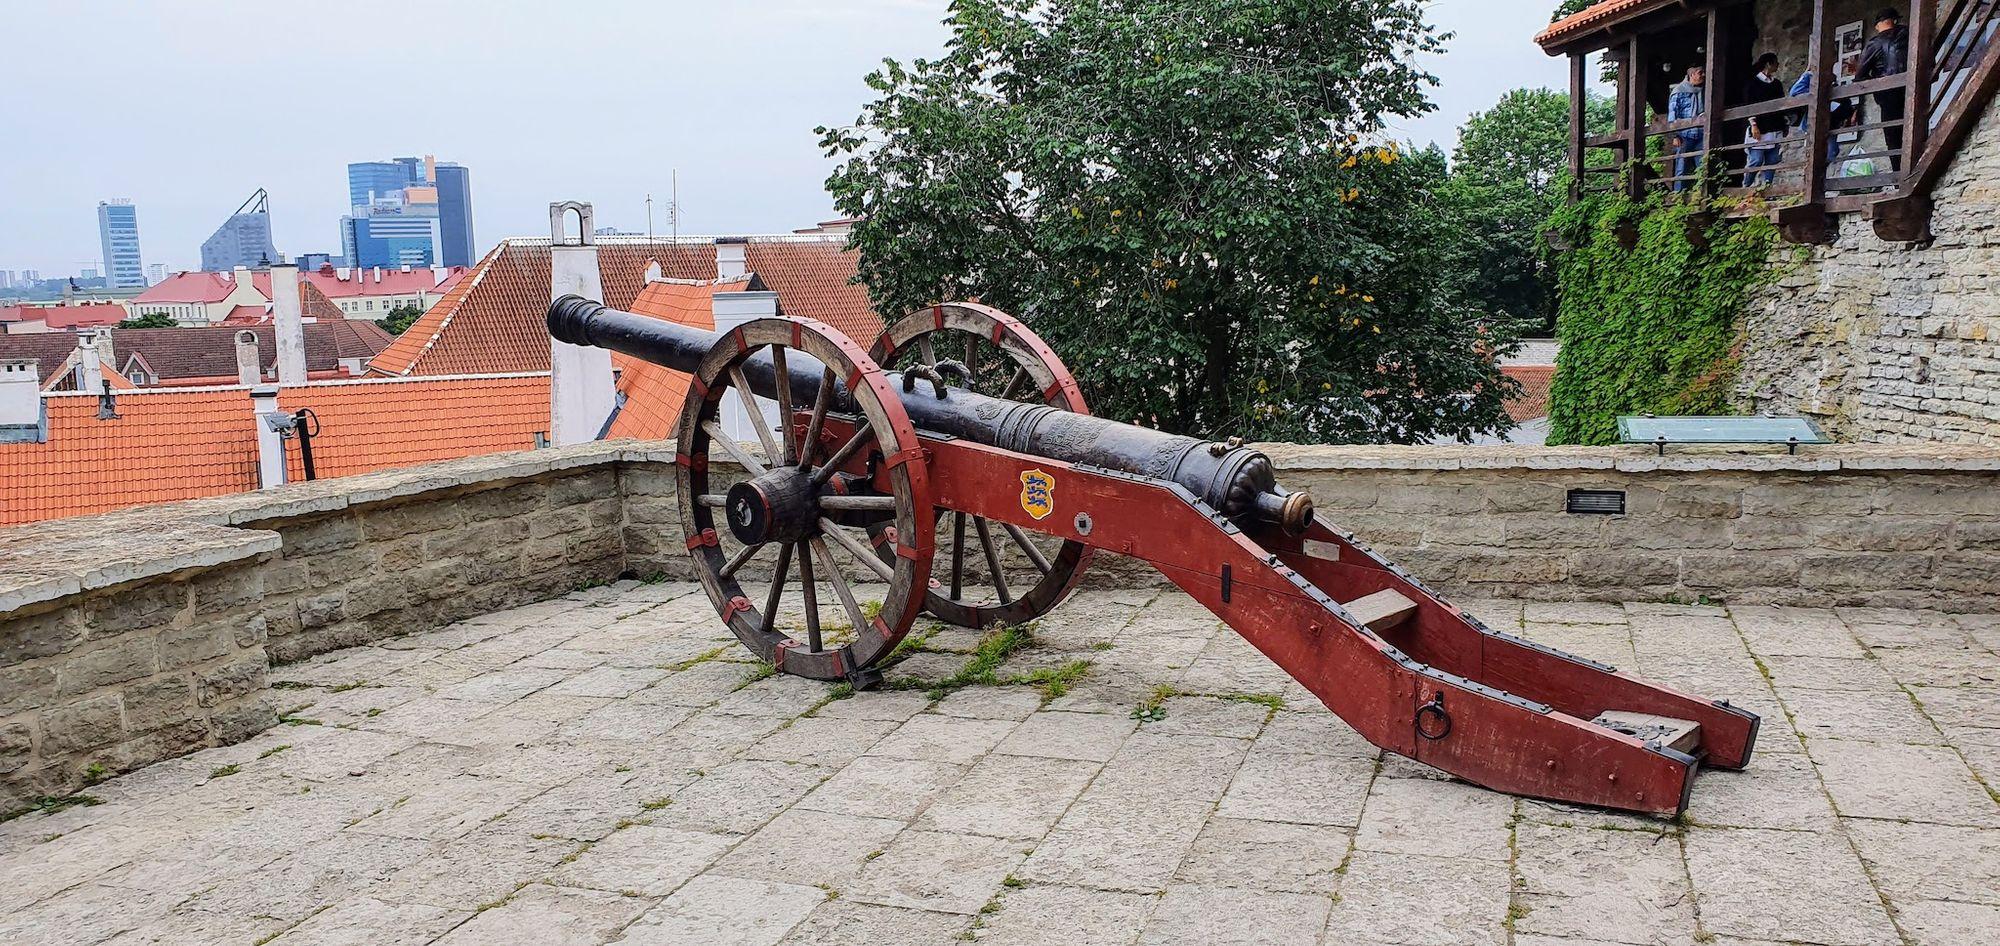 Defensas de la ciudad amurallada de Tallinn